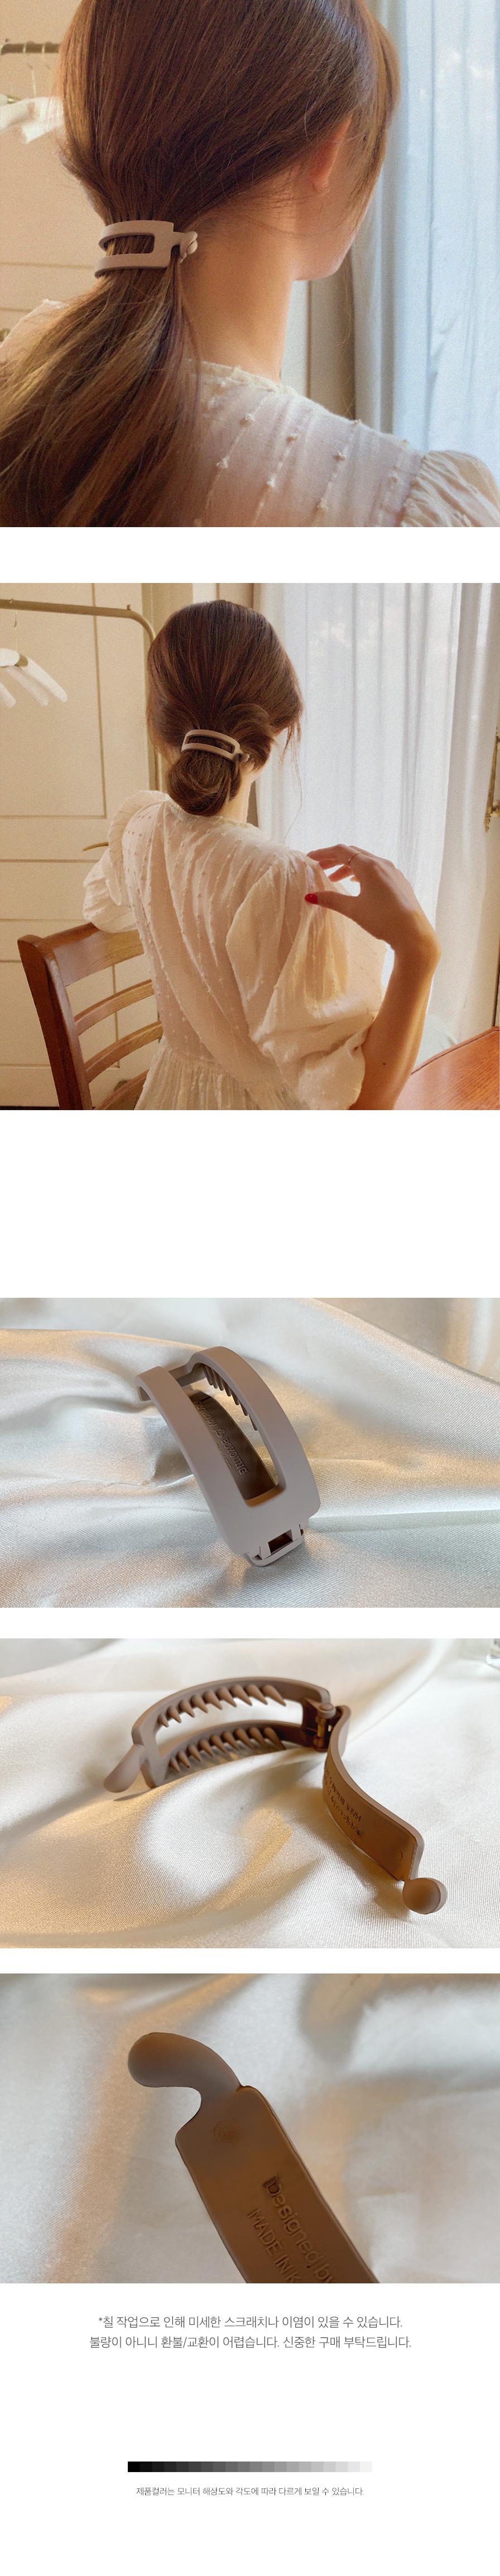 타원 심플 집게핀 - 아르뉴, 7,500원, 헤어핀/밴드/끈, 헤어핀/끈